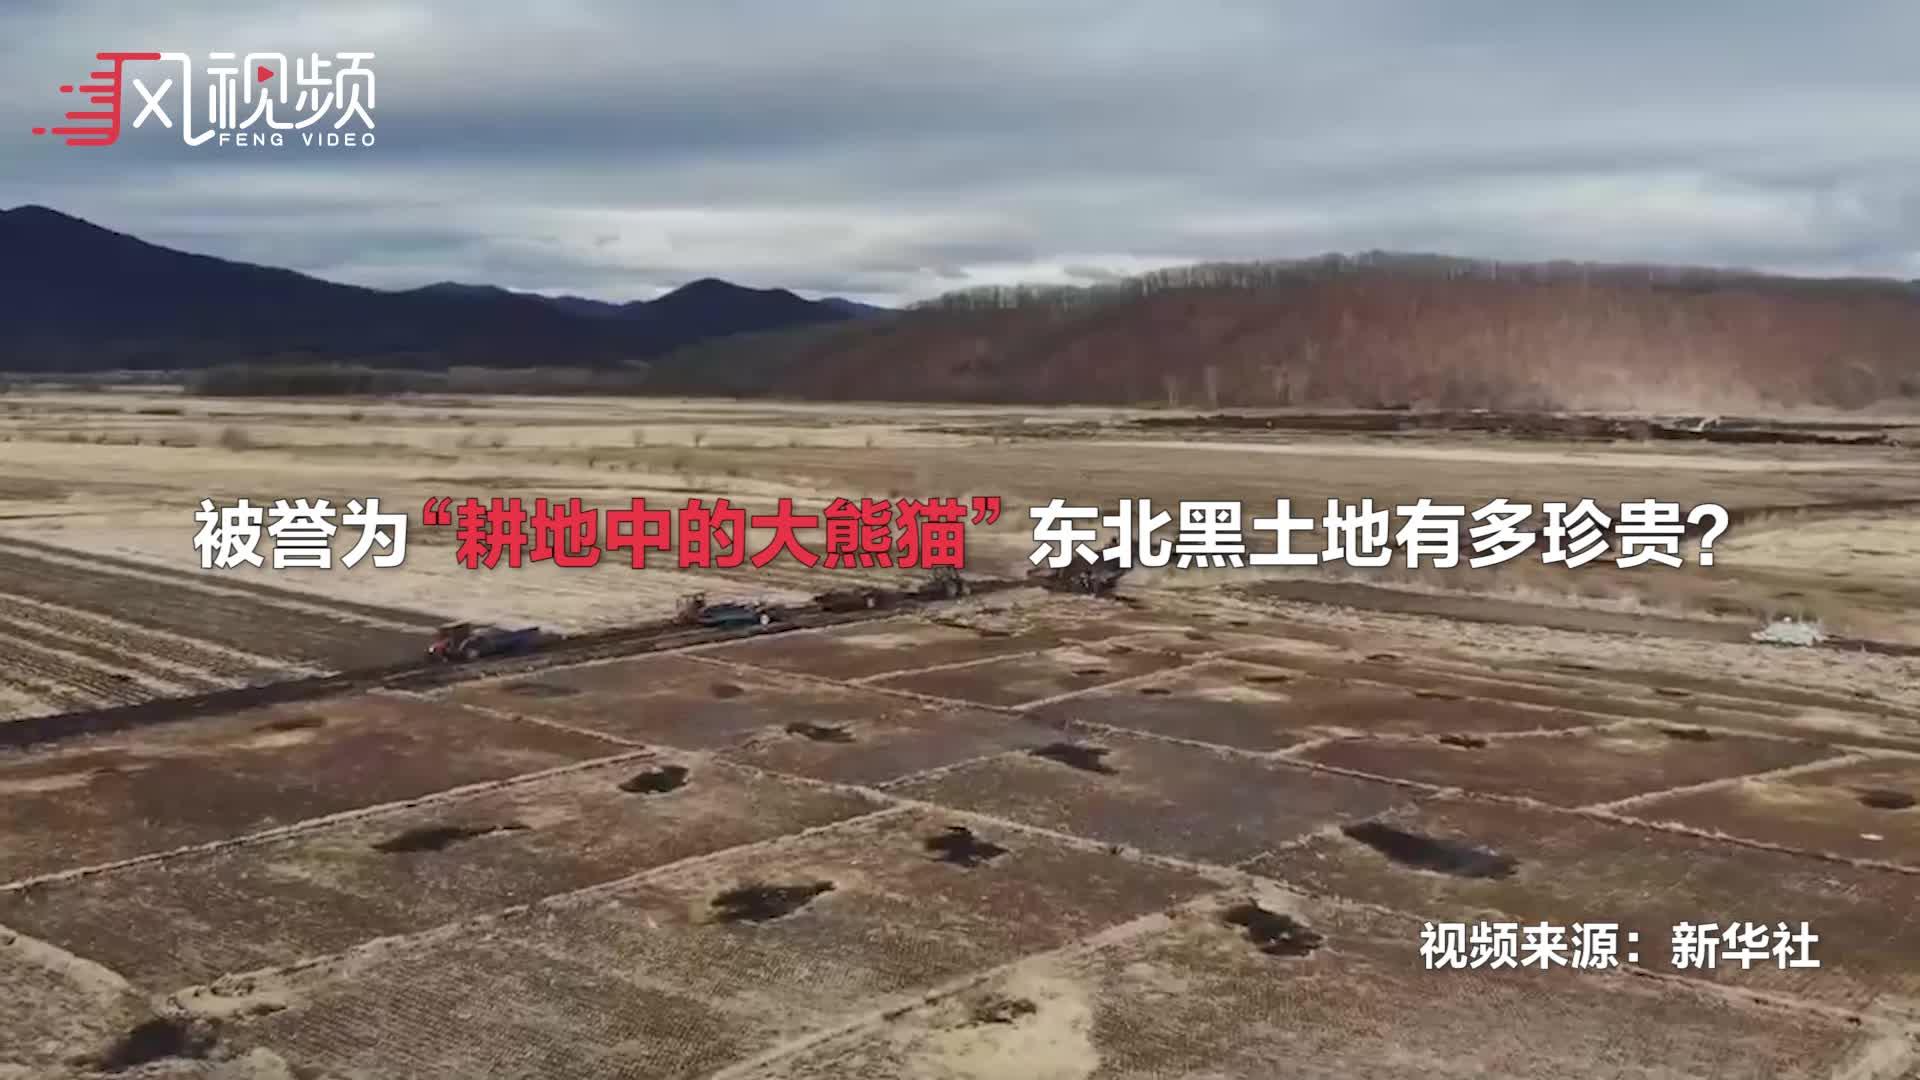 黑龍江9萬多平黑土地遭盜挖 專家:約400年才形成1公分 屬永久創傷